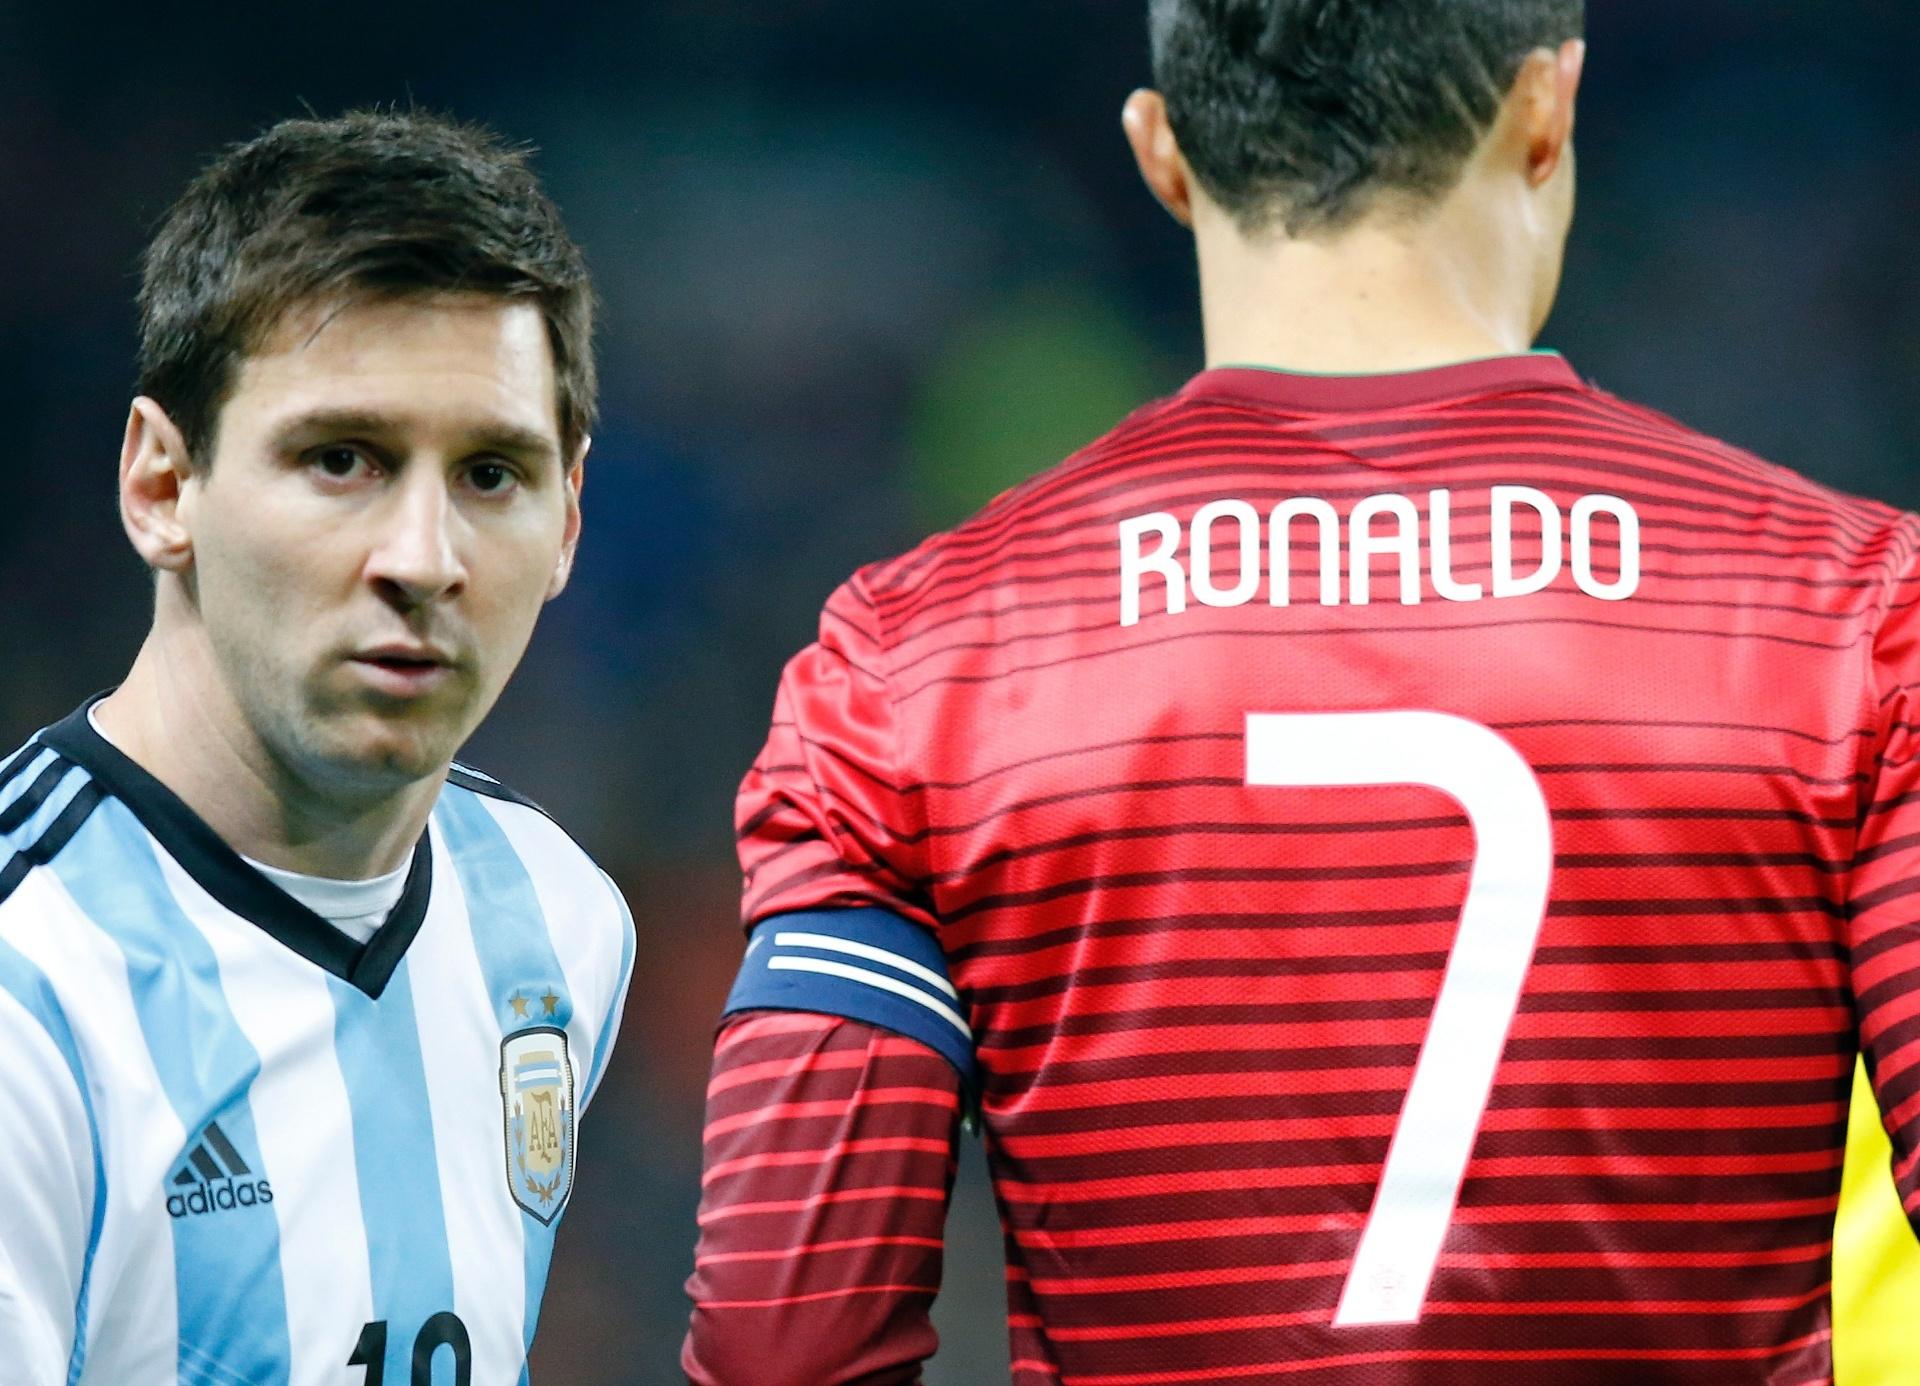 Messi ou CR7  Tem goleada! Veja quem o Fifa considerou melhor ano a ... 945e375f7b894